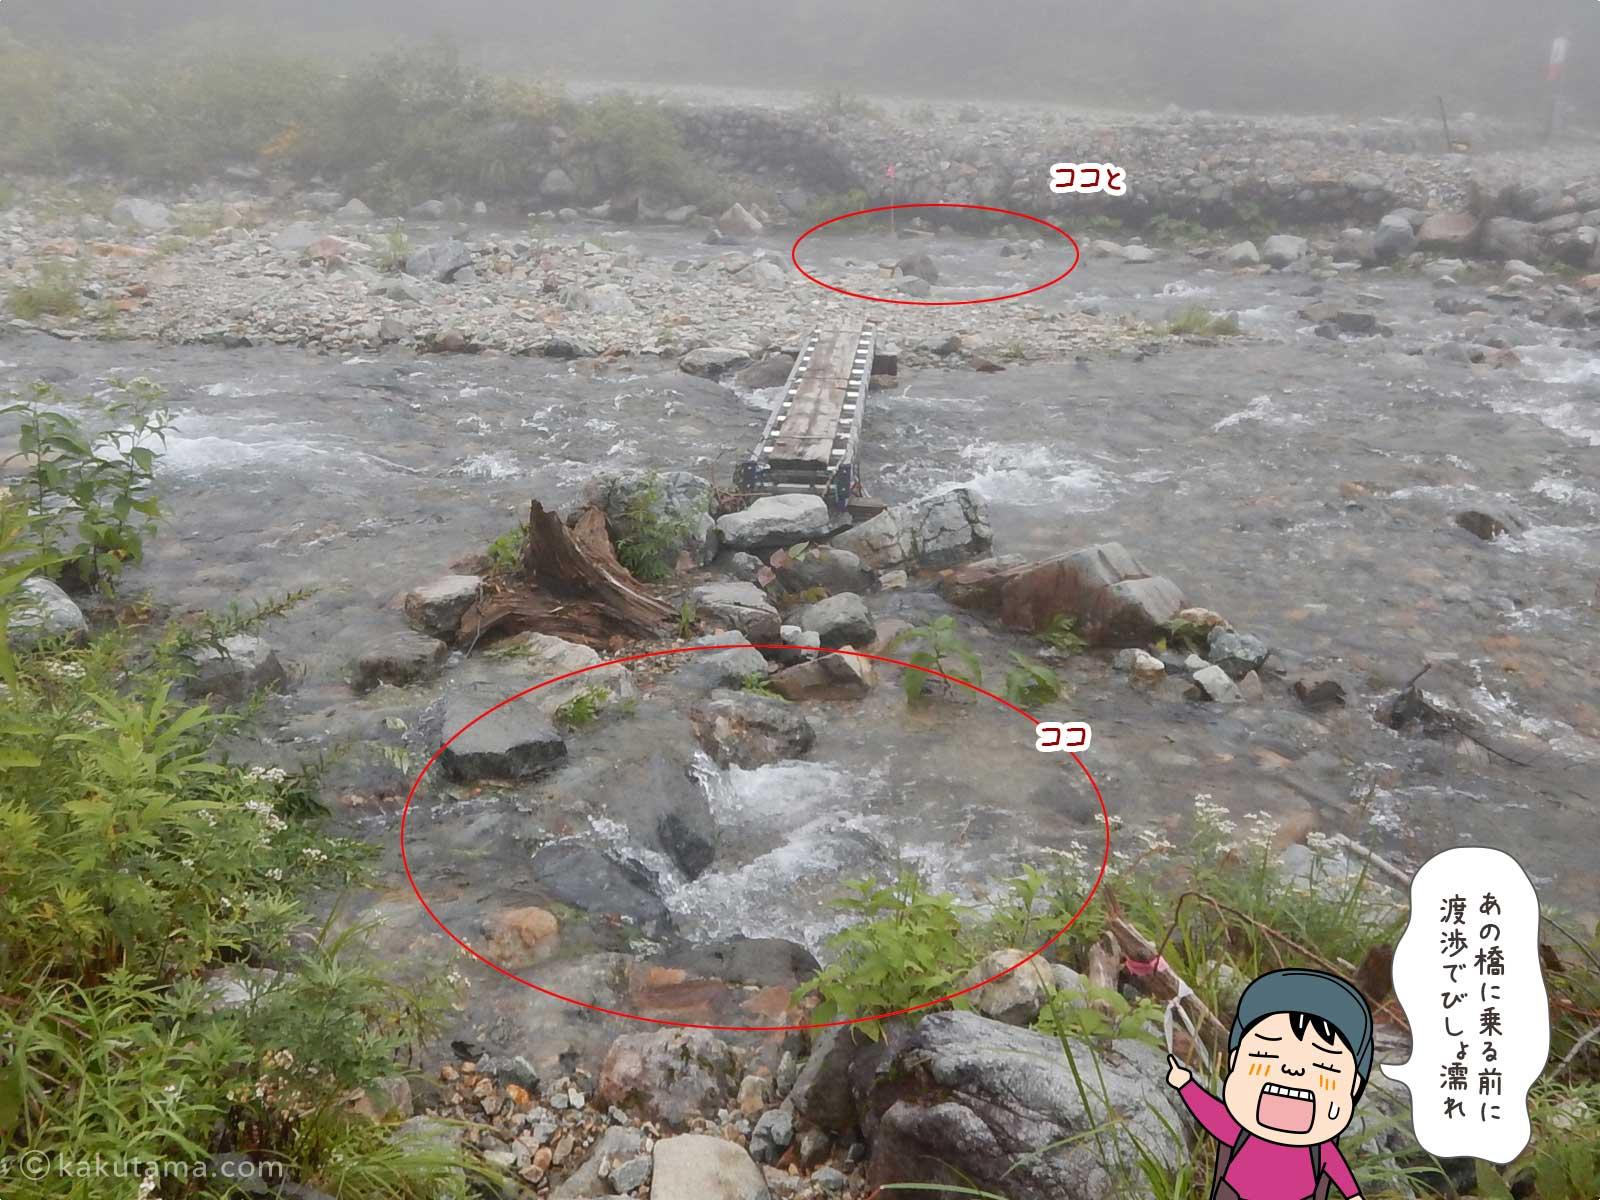 登山用語「渡渉」にまつわる写真